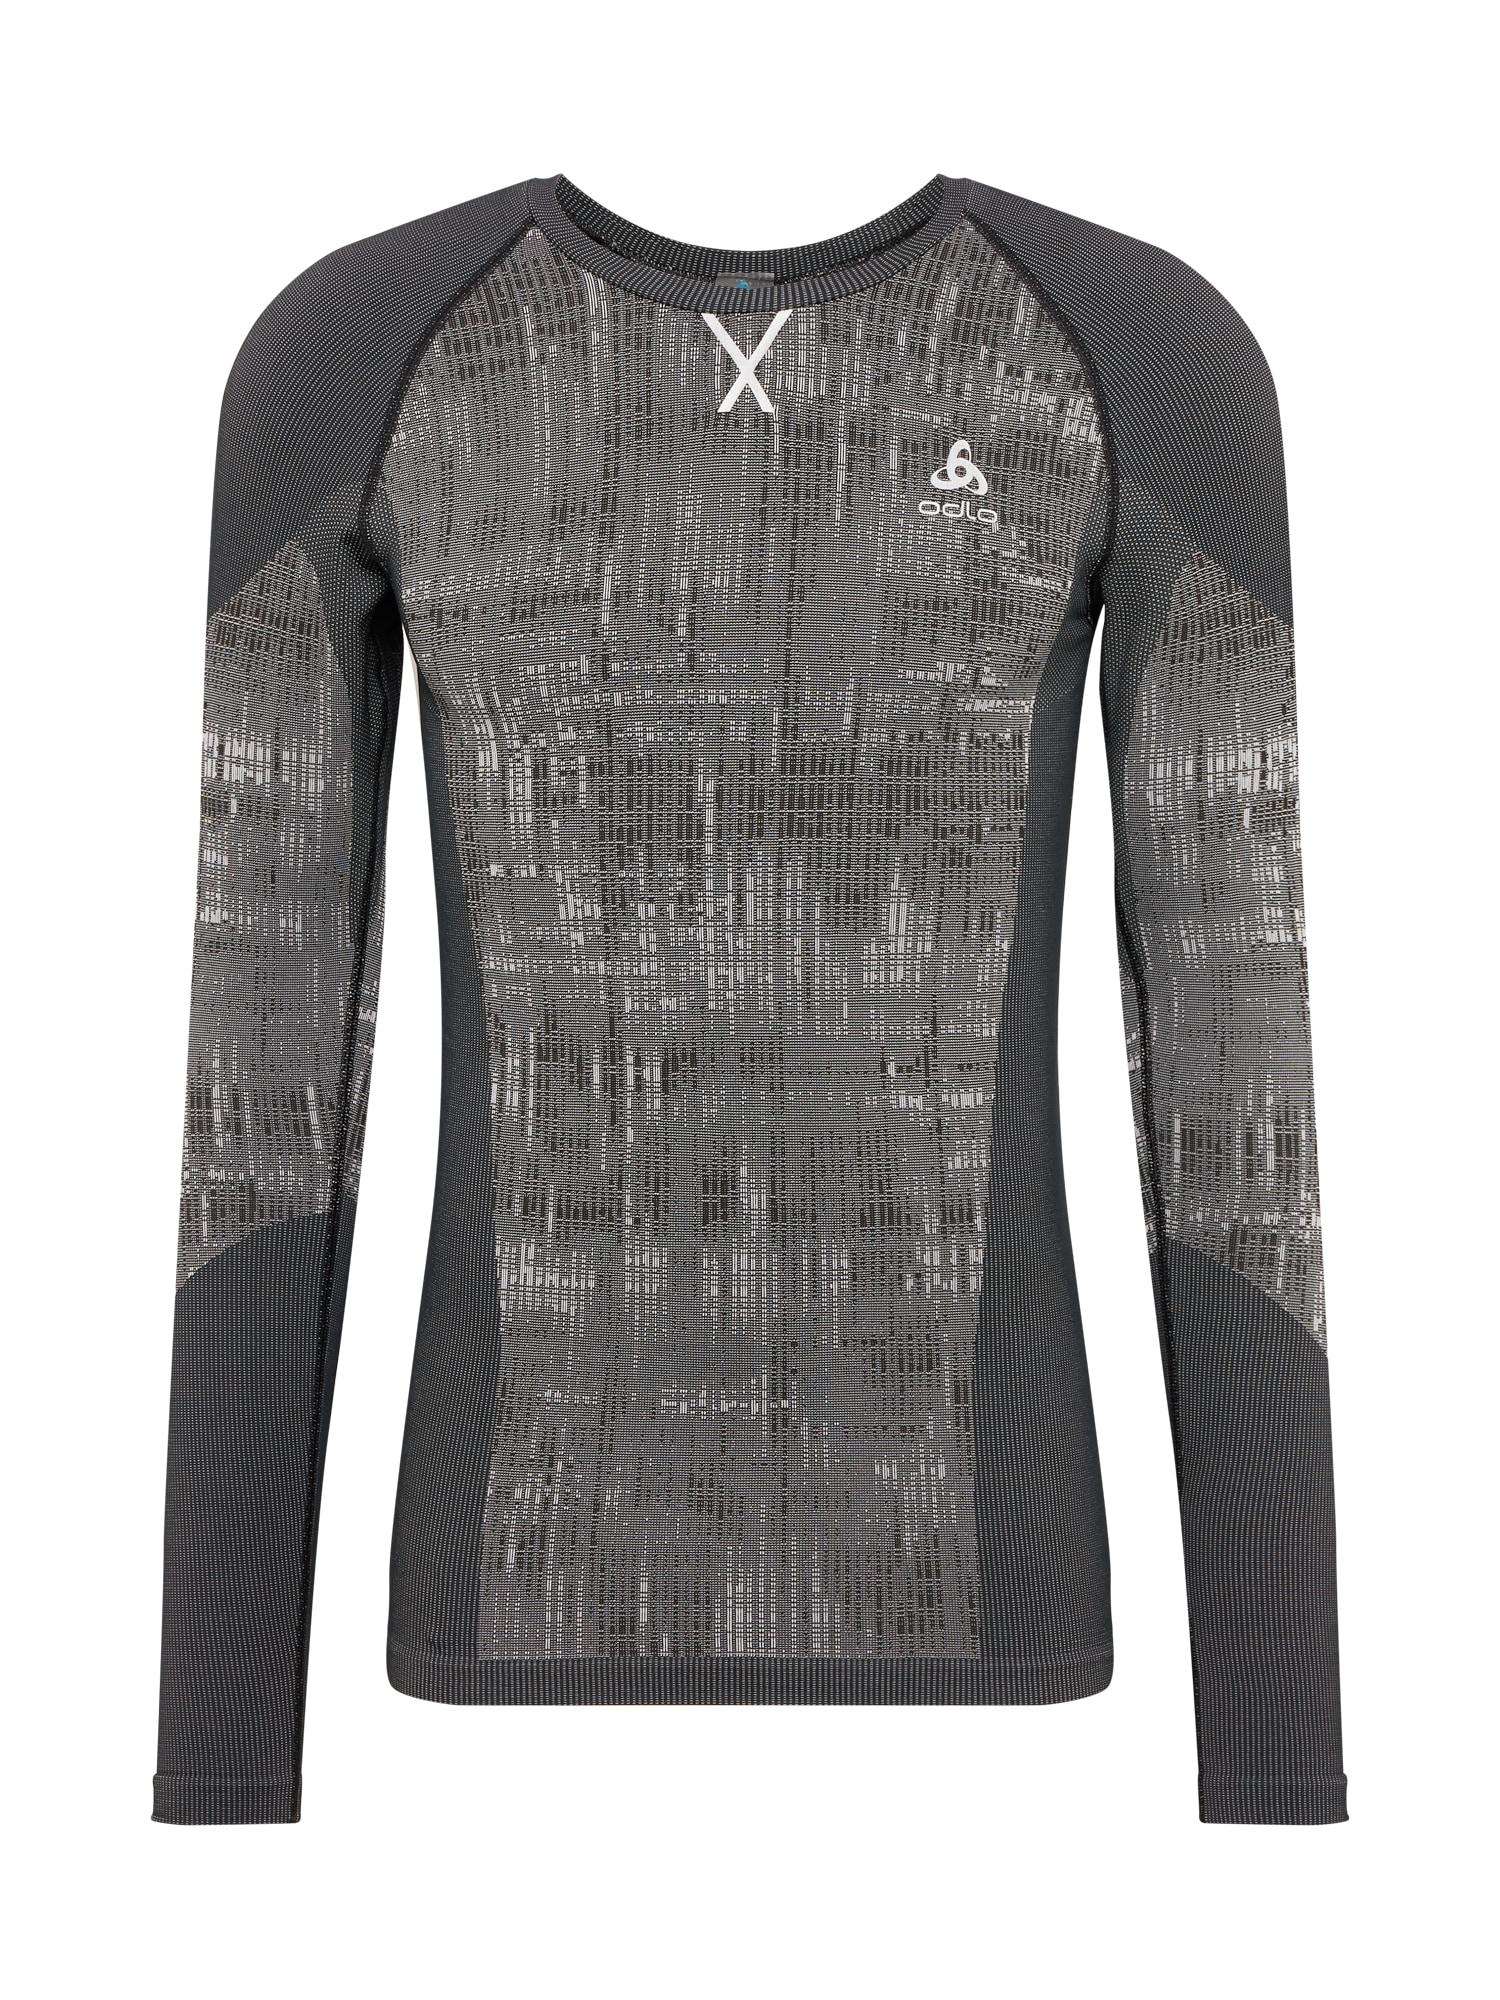 ODLO Sportiniai apatiniai marškinėliai 'Blackcomb Bl' juoda / pilka